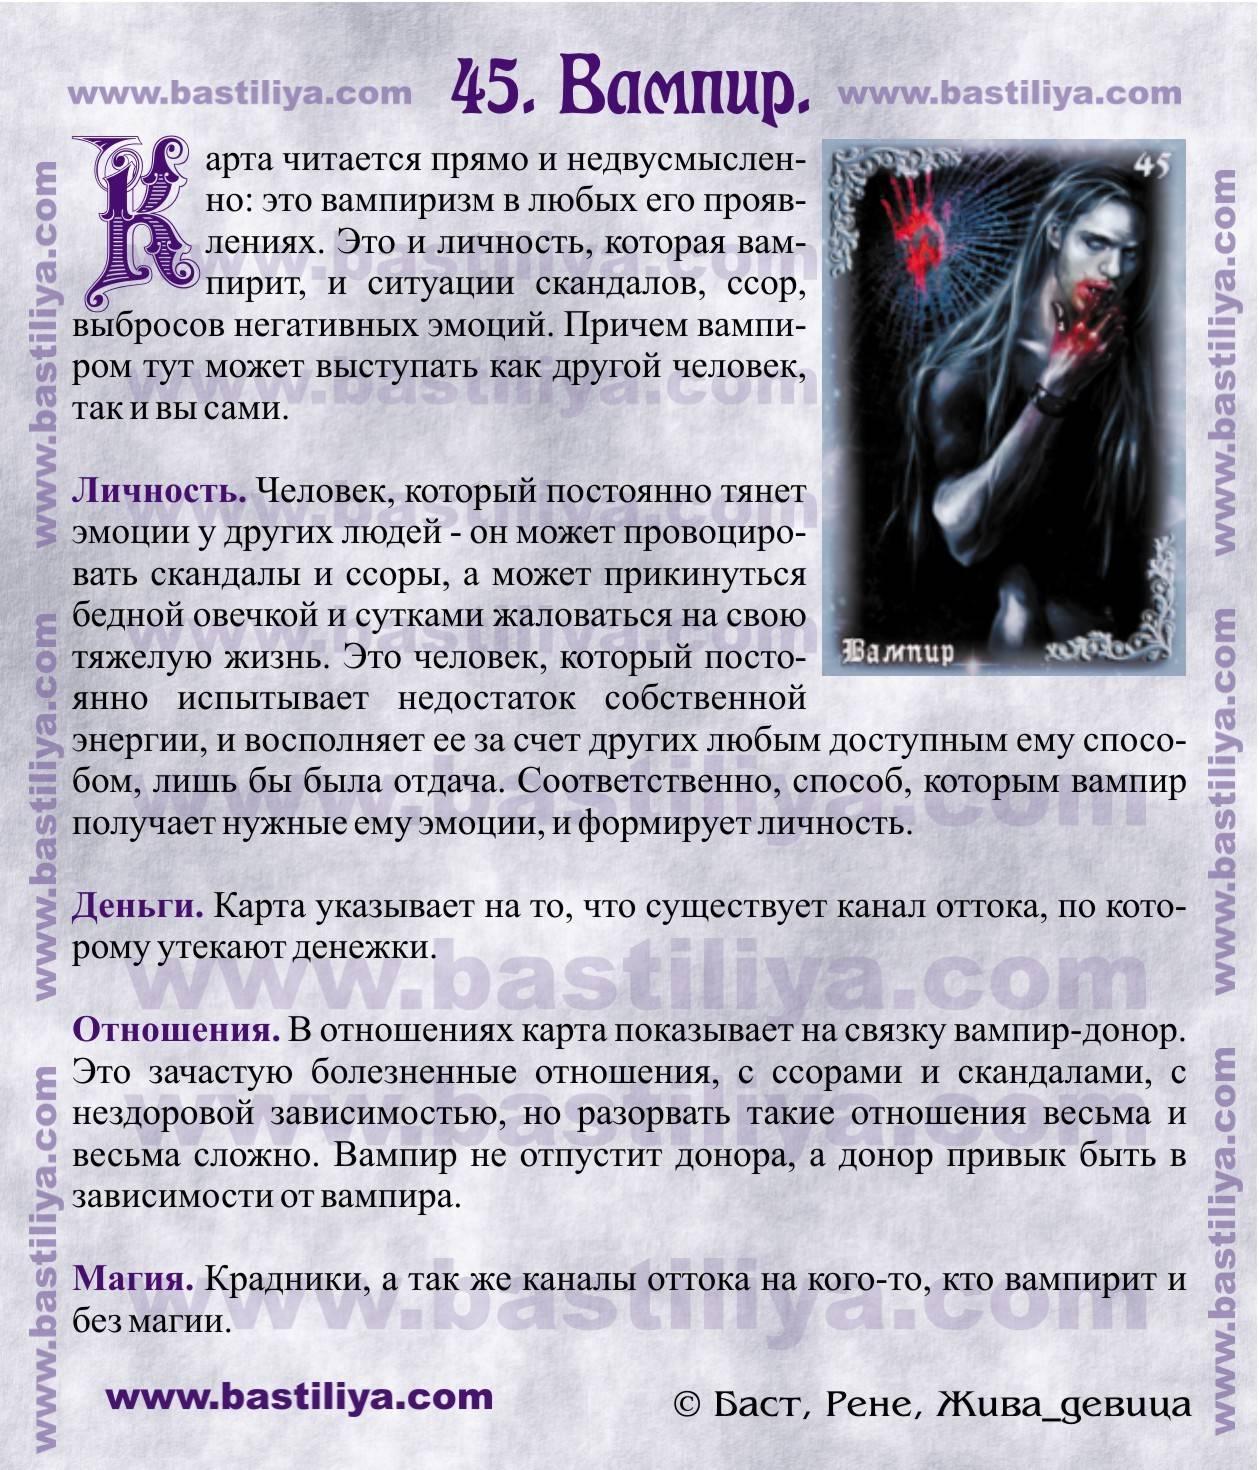 Энергетические вампиры. как от них защититься?